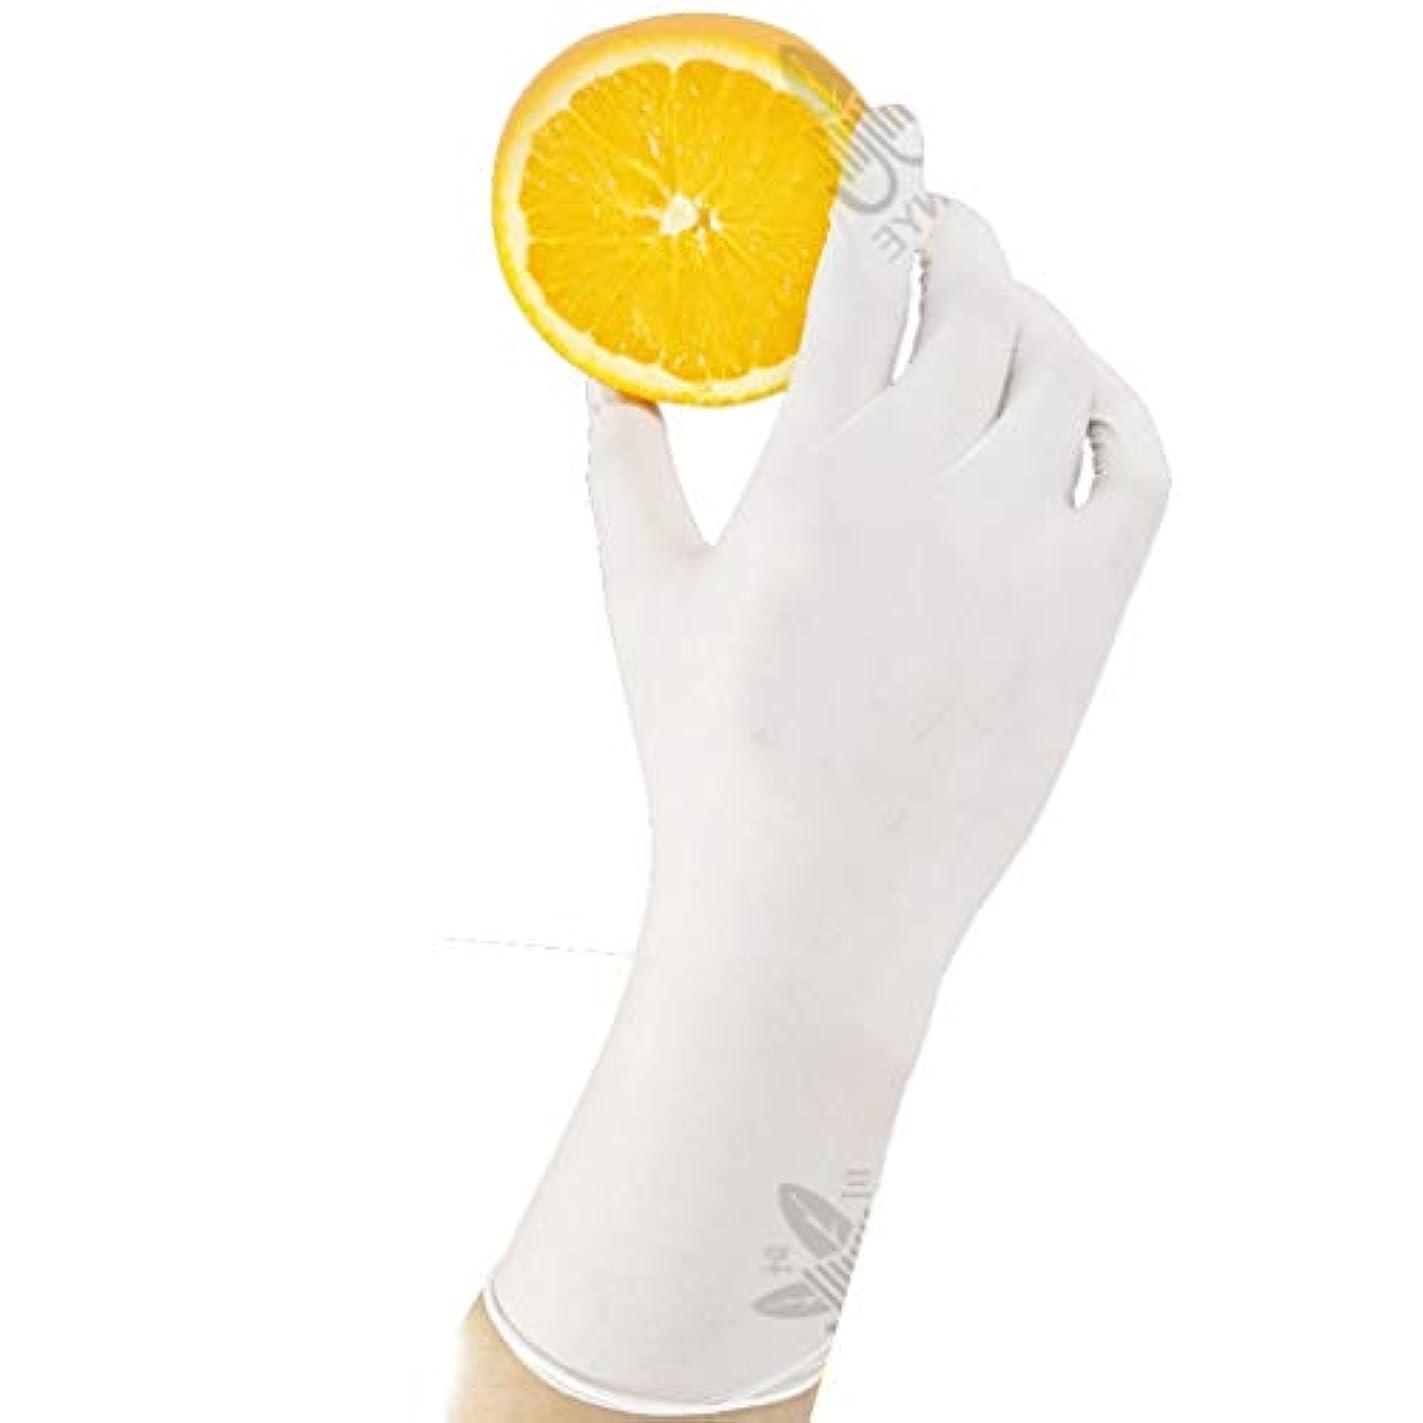 乱暴な加速する勢いSafeguard Nitri Disposable Gloves、パウダーフリー、食品用グローブ、ラテックスフリー、50-100 Pc。ディスペンサーパック、xs-xlサイズ (版 ばん : 50PCS, サイズ さいず...